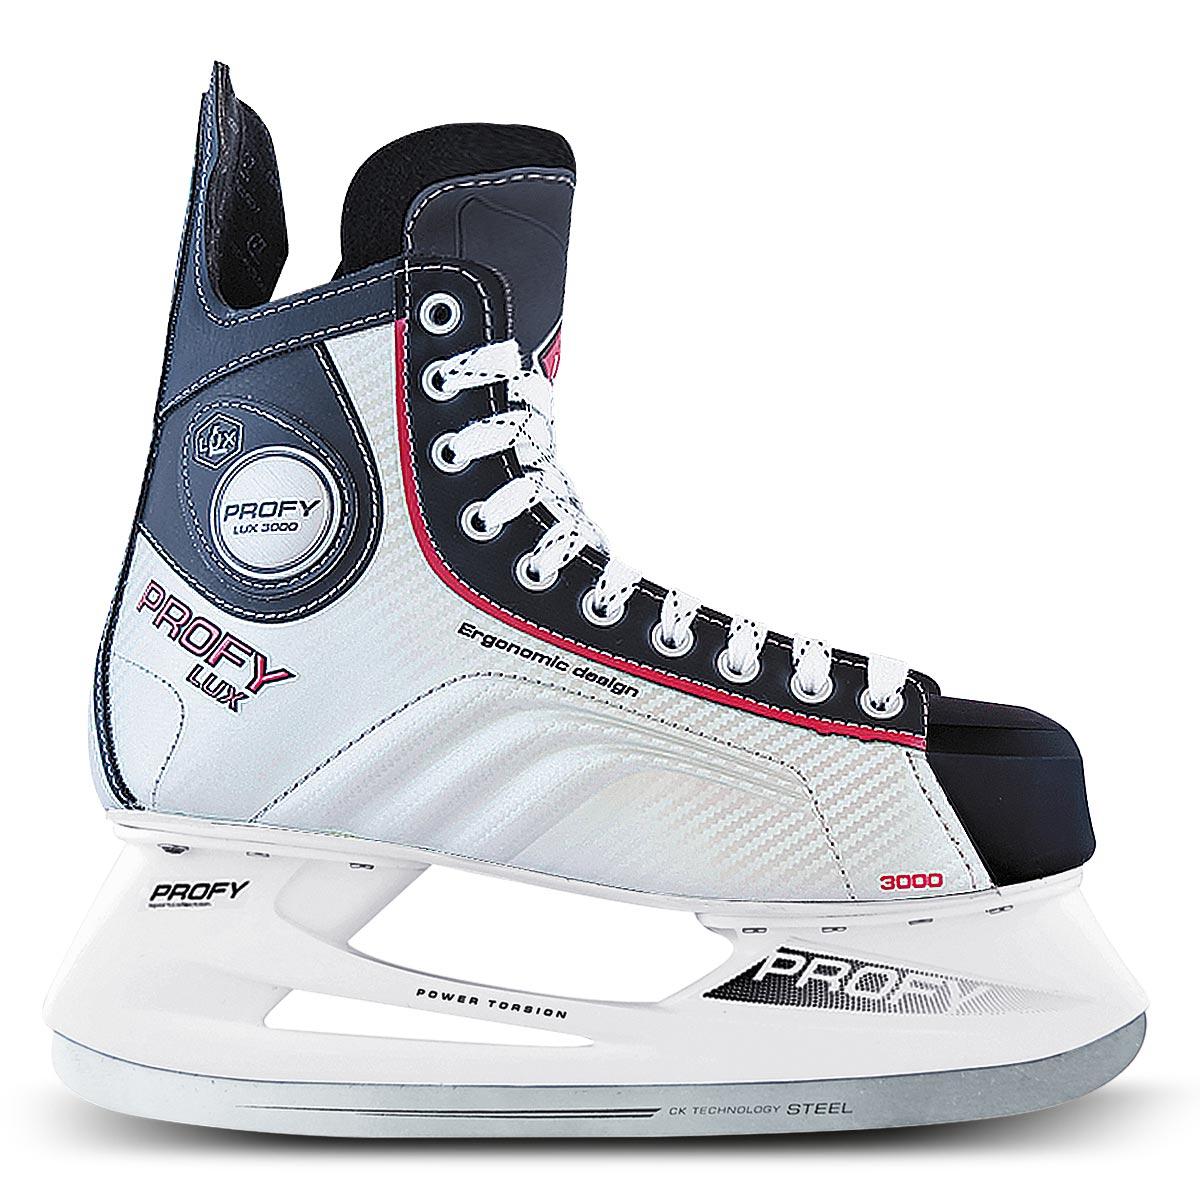 Коньки хоккейные мужские СК Profy Lux 3000, цвет: черный, серебряный, красный. Размер 42PROFY LUX 3000 Red_42Коньки хоккейные мужские СК Profy Lux 3000 прекрасно подойдут для профессиональных игроков в хоккей. Ботинок выполнен из морозоустойчивой искусственной кожи и специального резистентного ПВХ, а язычок - из двухслойного войлока и искусственной кожи. Слоевая композитная технология позволила изготовить ботинок, полностью обволакивающий ногу. Это обеспечивает прочную и удобную фиксацию ноги, повышает защиту от ударов. Ботинок изготовлен с учетом антропометрии стоп россиян, что обеспечивает комфорт и устойчивость ноги, правильное распределение нагрузки, сильно снижает травмоопасность. Конструкция носка ботинка, изготовленного из ударопрочного энергопоглощающего термопластичного полиуретана Hytrel® (DuPont), обеспечивает увеличенную надежность защиты передней части ступни от ударов. Усиленные боковины ботинка из формованного PVC укрепляют боковую часть ботинка и дополнительно защищают ступню от ударов за счет поглощения энергии. Тип застежки ботинок – классическая шнуровка. Стелька из упругого пенного полимерного материала EVA гарантирует комфортное положение ноги в ботинке, обеспечивает быструю адаптацию ботинка к индивидуальным формам ноги, не теряет упругости при изменении температуры и не разрушается от воздействия пота и влаги. Легкая прочная низкопрофильная полимерная подошва инжекционного формования практически без потерь передает энергию от толчка ноги к лезвию – быстрее набор скорости, резче повороты и остановки, острее чувство льда. Лезвие из нержавеющей стали 420J обеспечит превосходное скольжение.